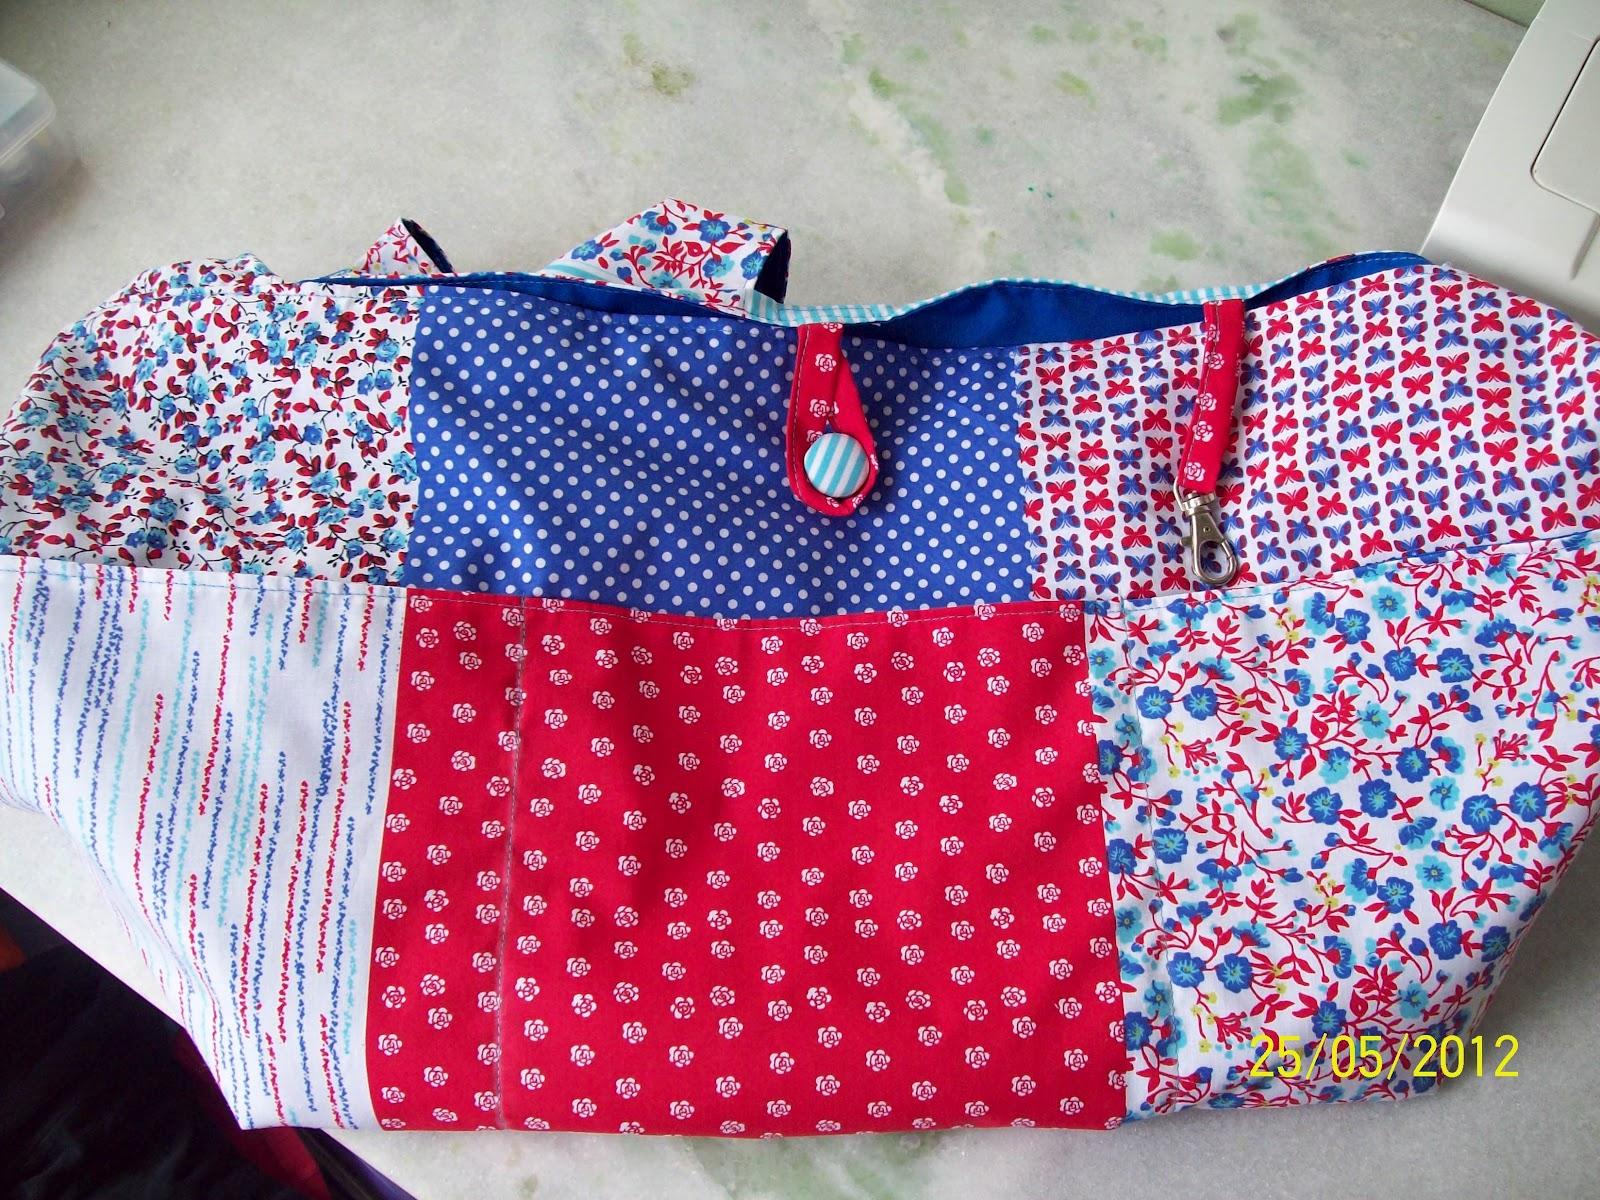 Bolsa Para Carregar As Coisas Do Bebe : S? frufru artesanato bolsa para carregar muitas coisas